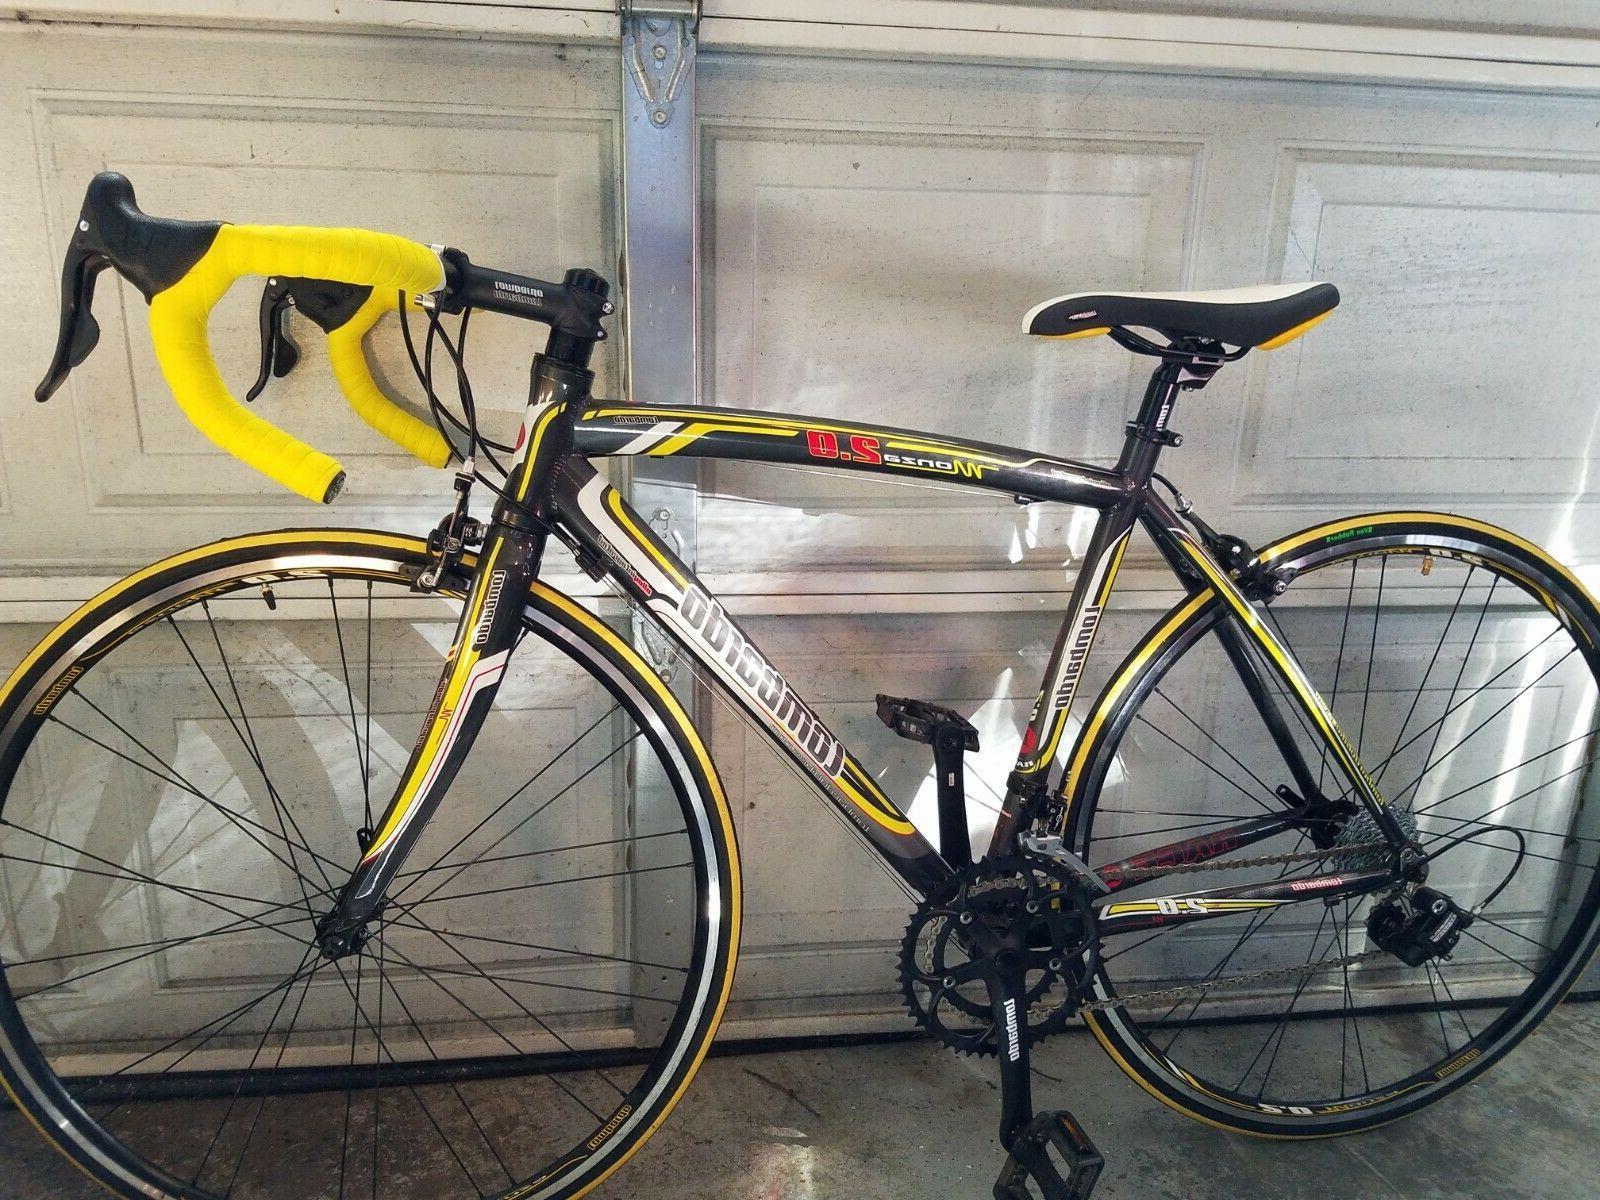 monza 2 0 c 700c road bicycle